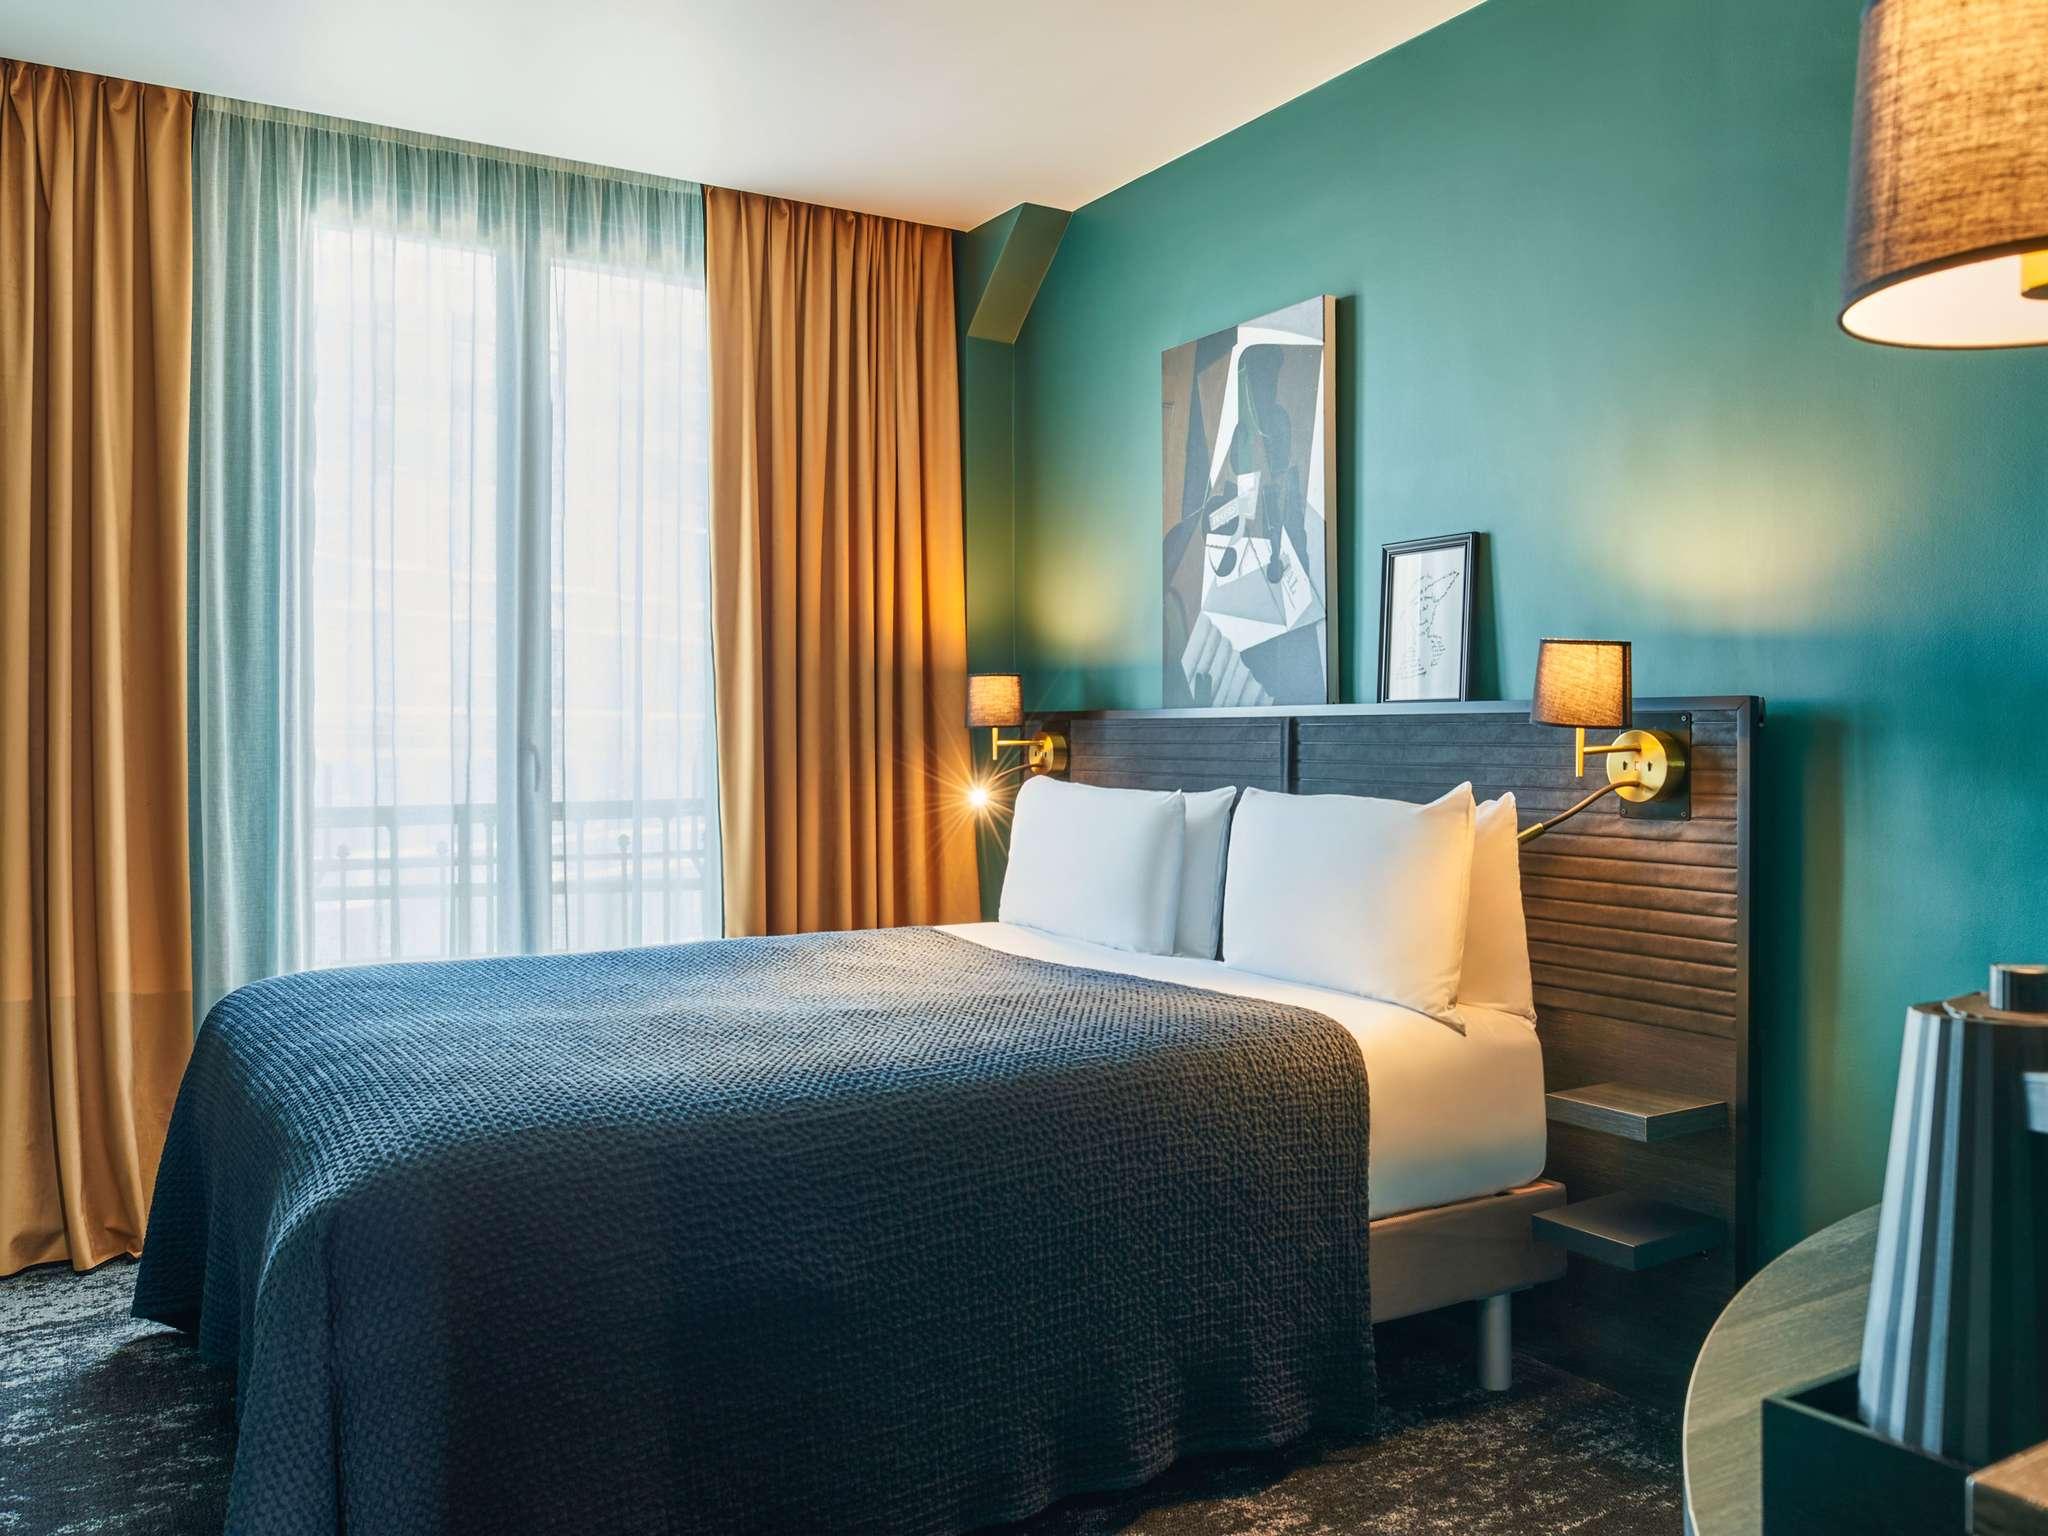 호텔 – 호텔 머큐어 파리 투르 에펠 퐁 미라보